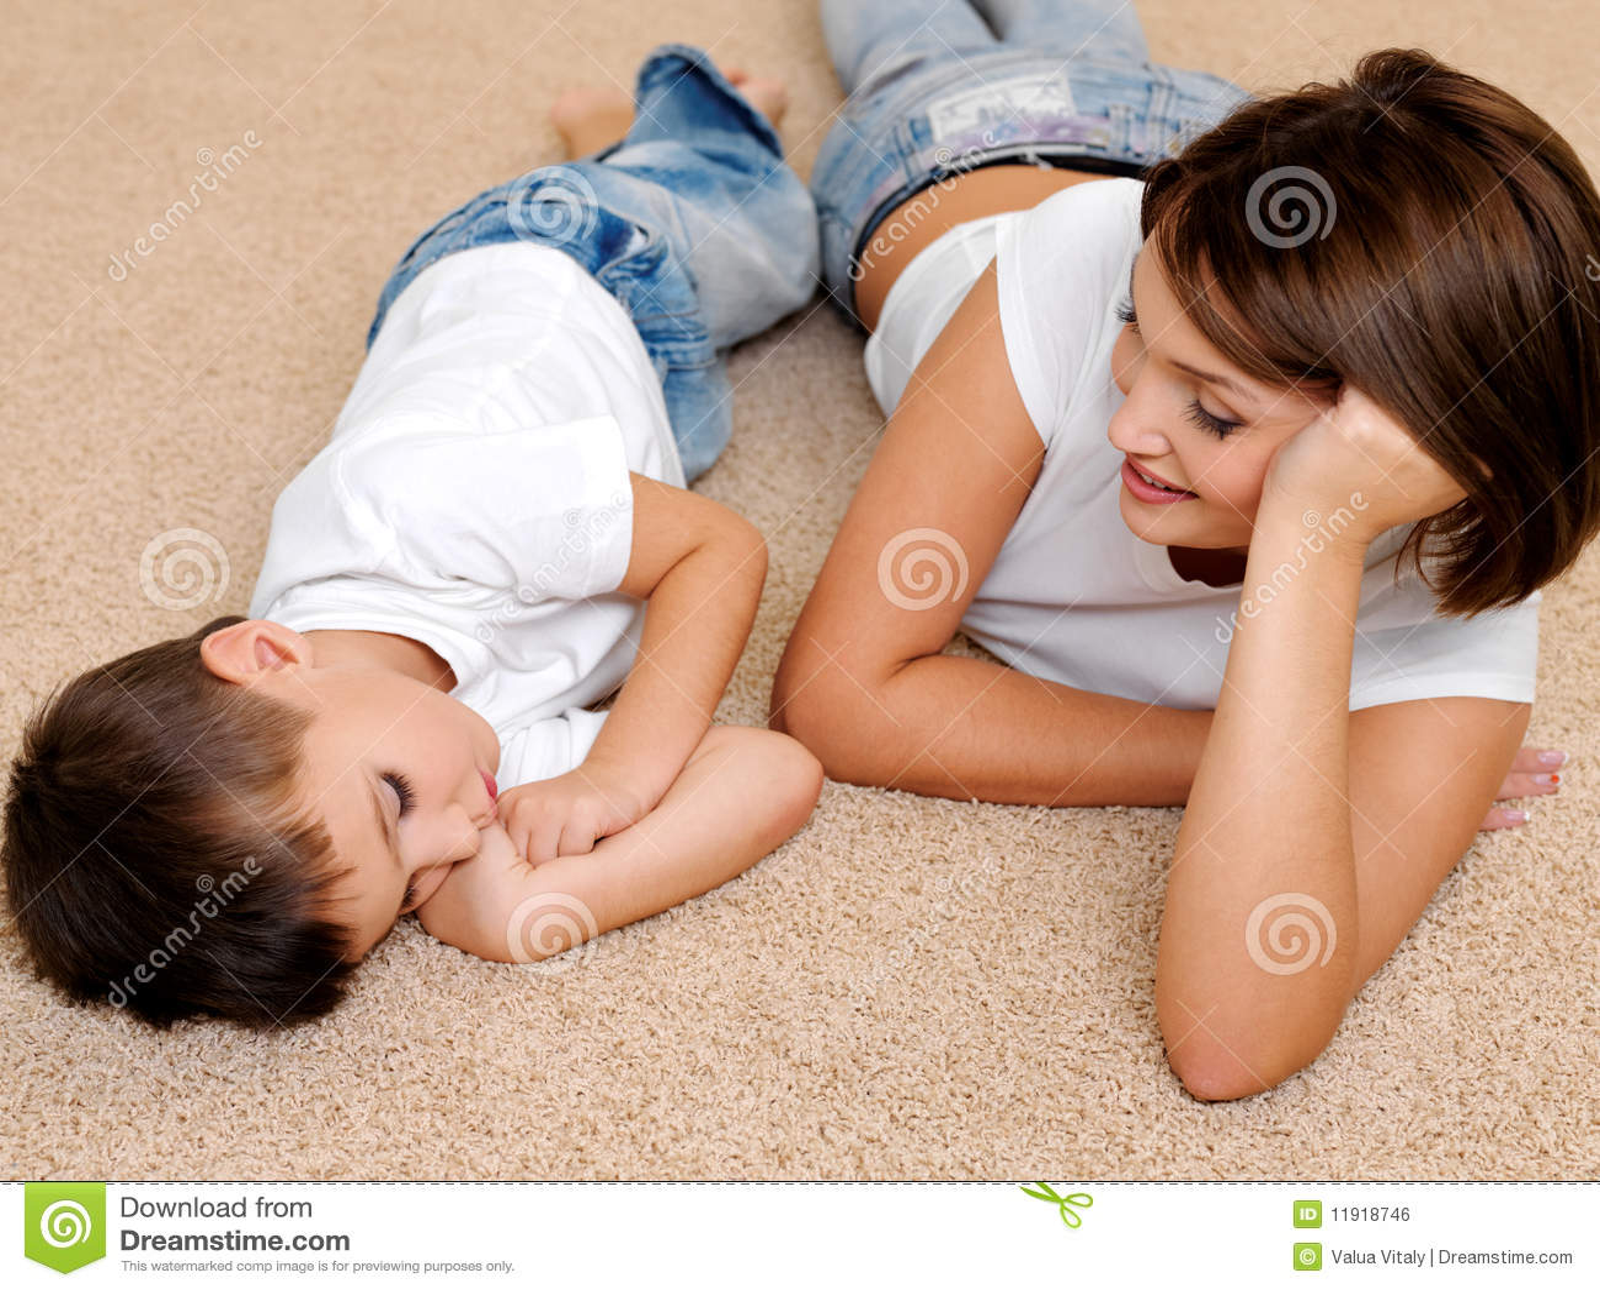 С мамой на полу 15 фотография